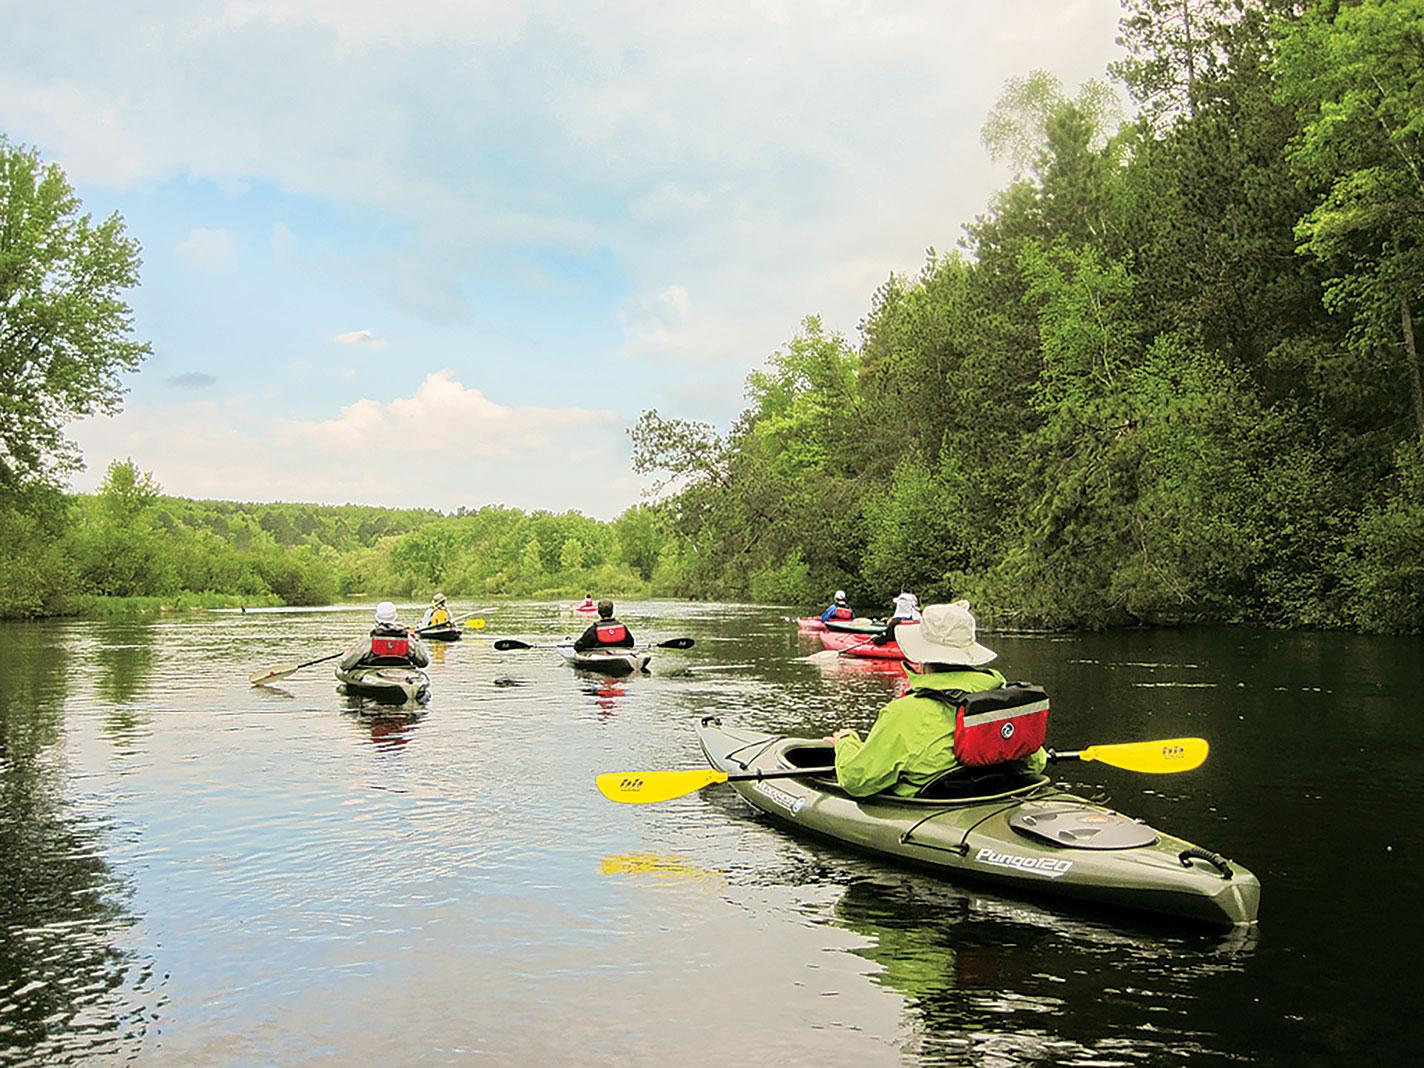 Kayakers on the Namekagon River